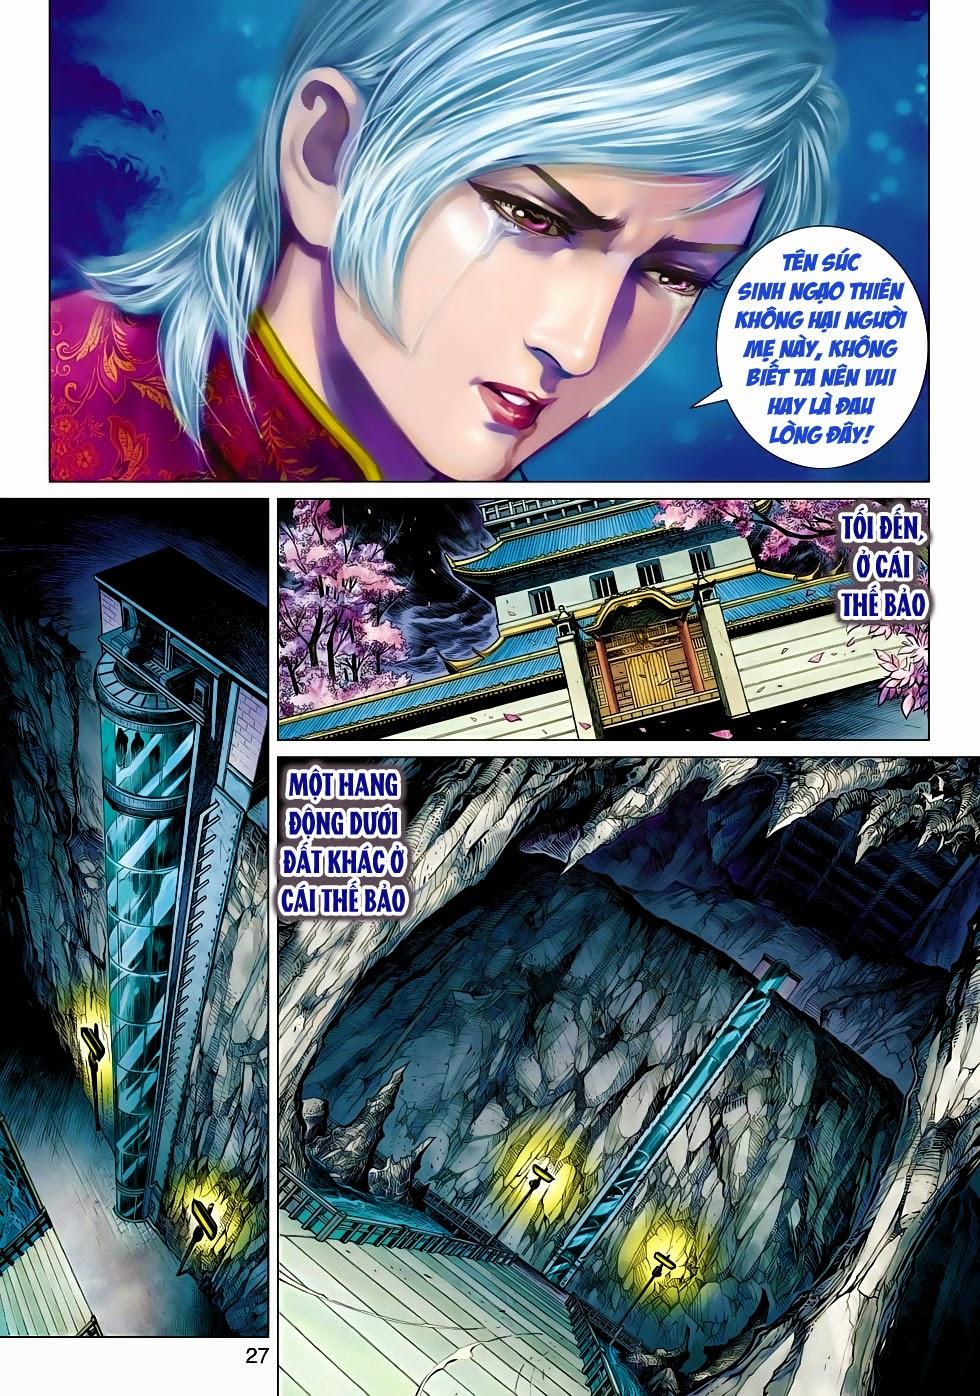 Tân Tác Long Hổ Môn chap 470 - Trang 27